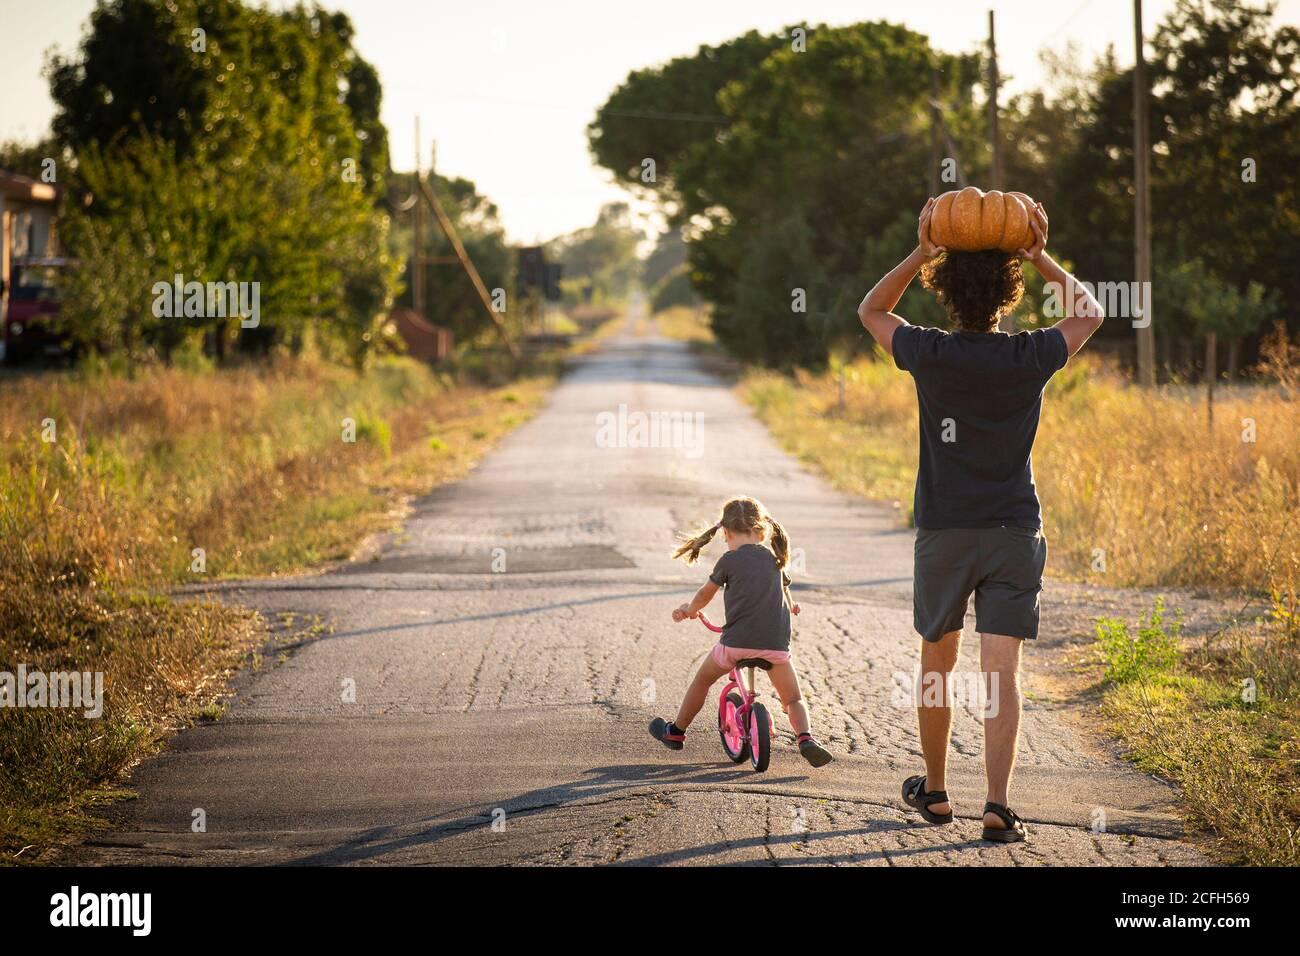 Niña pequeña, montando en bicicleta, con su joven padre llevando una gran calabaza de halloween sobre su cabeza, en un camino campestre al atardecer. Vista posterior. Foto de stock